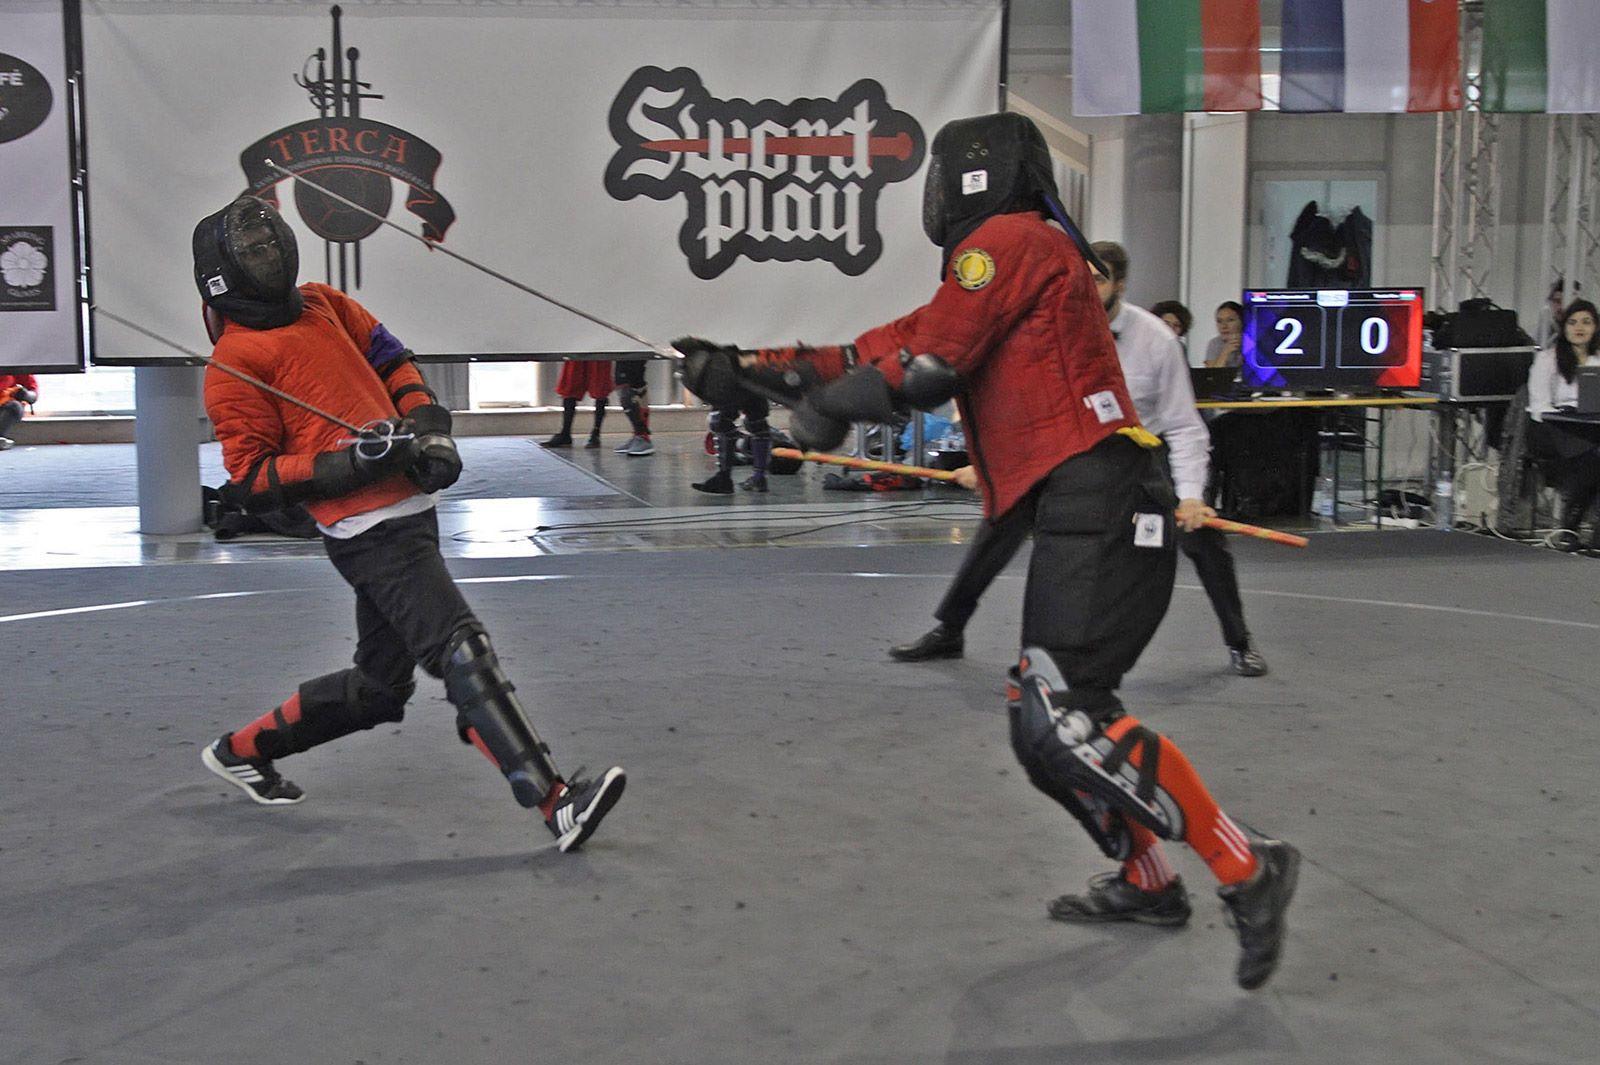 Swordplay 06 – 08.12.2019 Fair